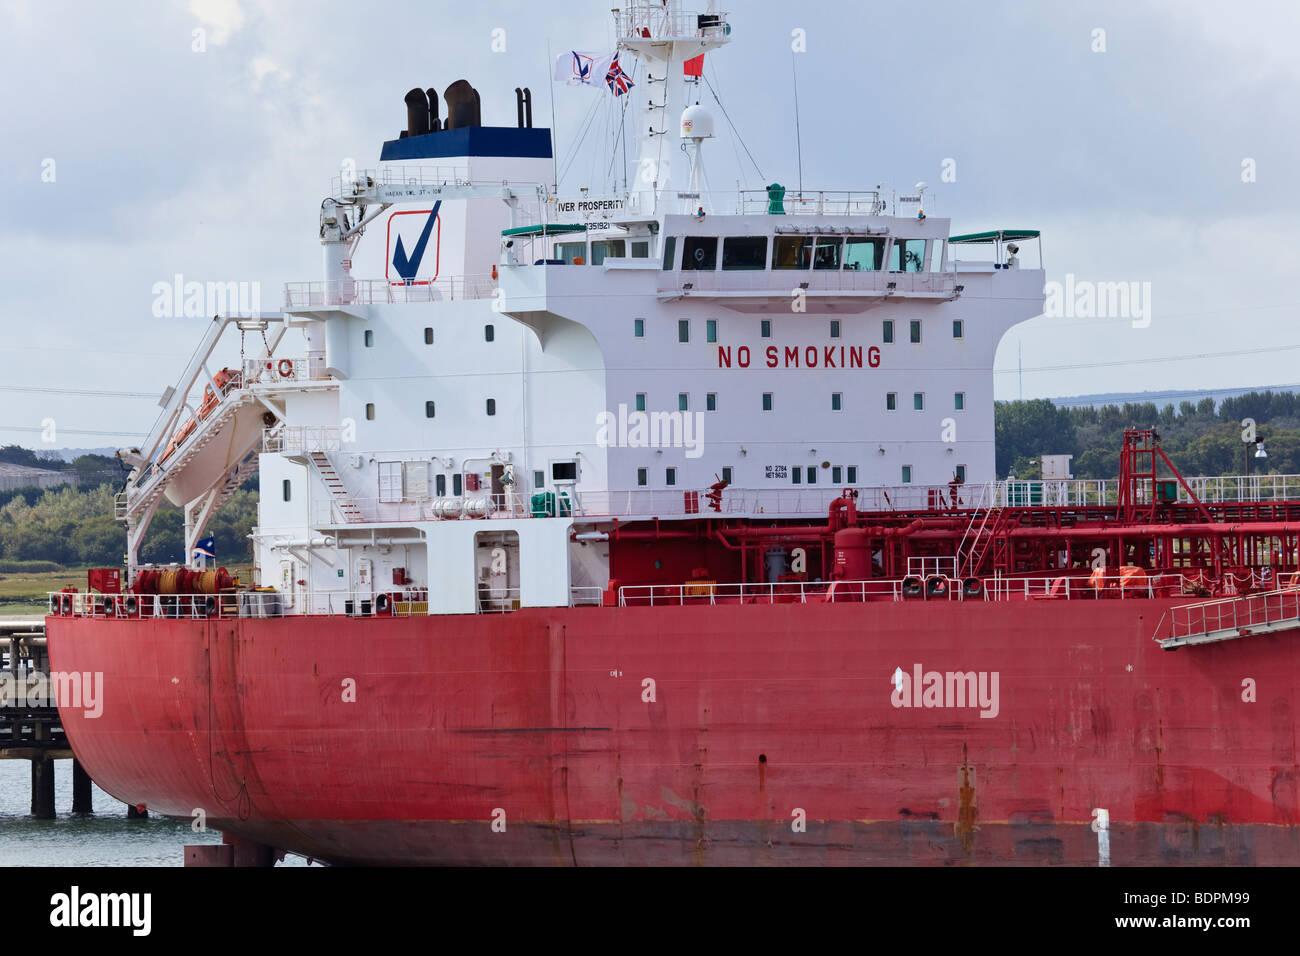 'La prospérité' Tankers Iver amarré au terminal pétrolier de Fawley, Southampton, UK L'eau Banque D'Images